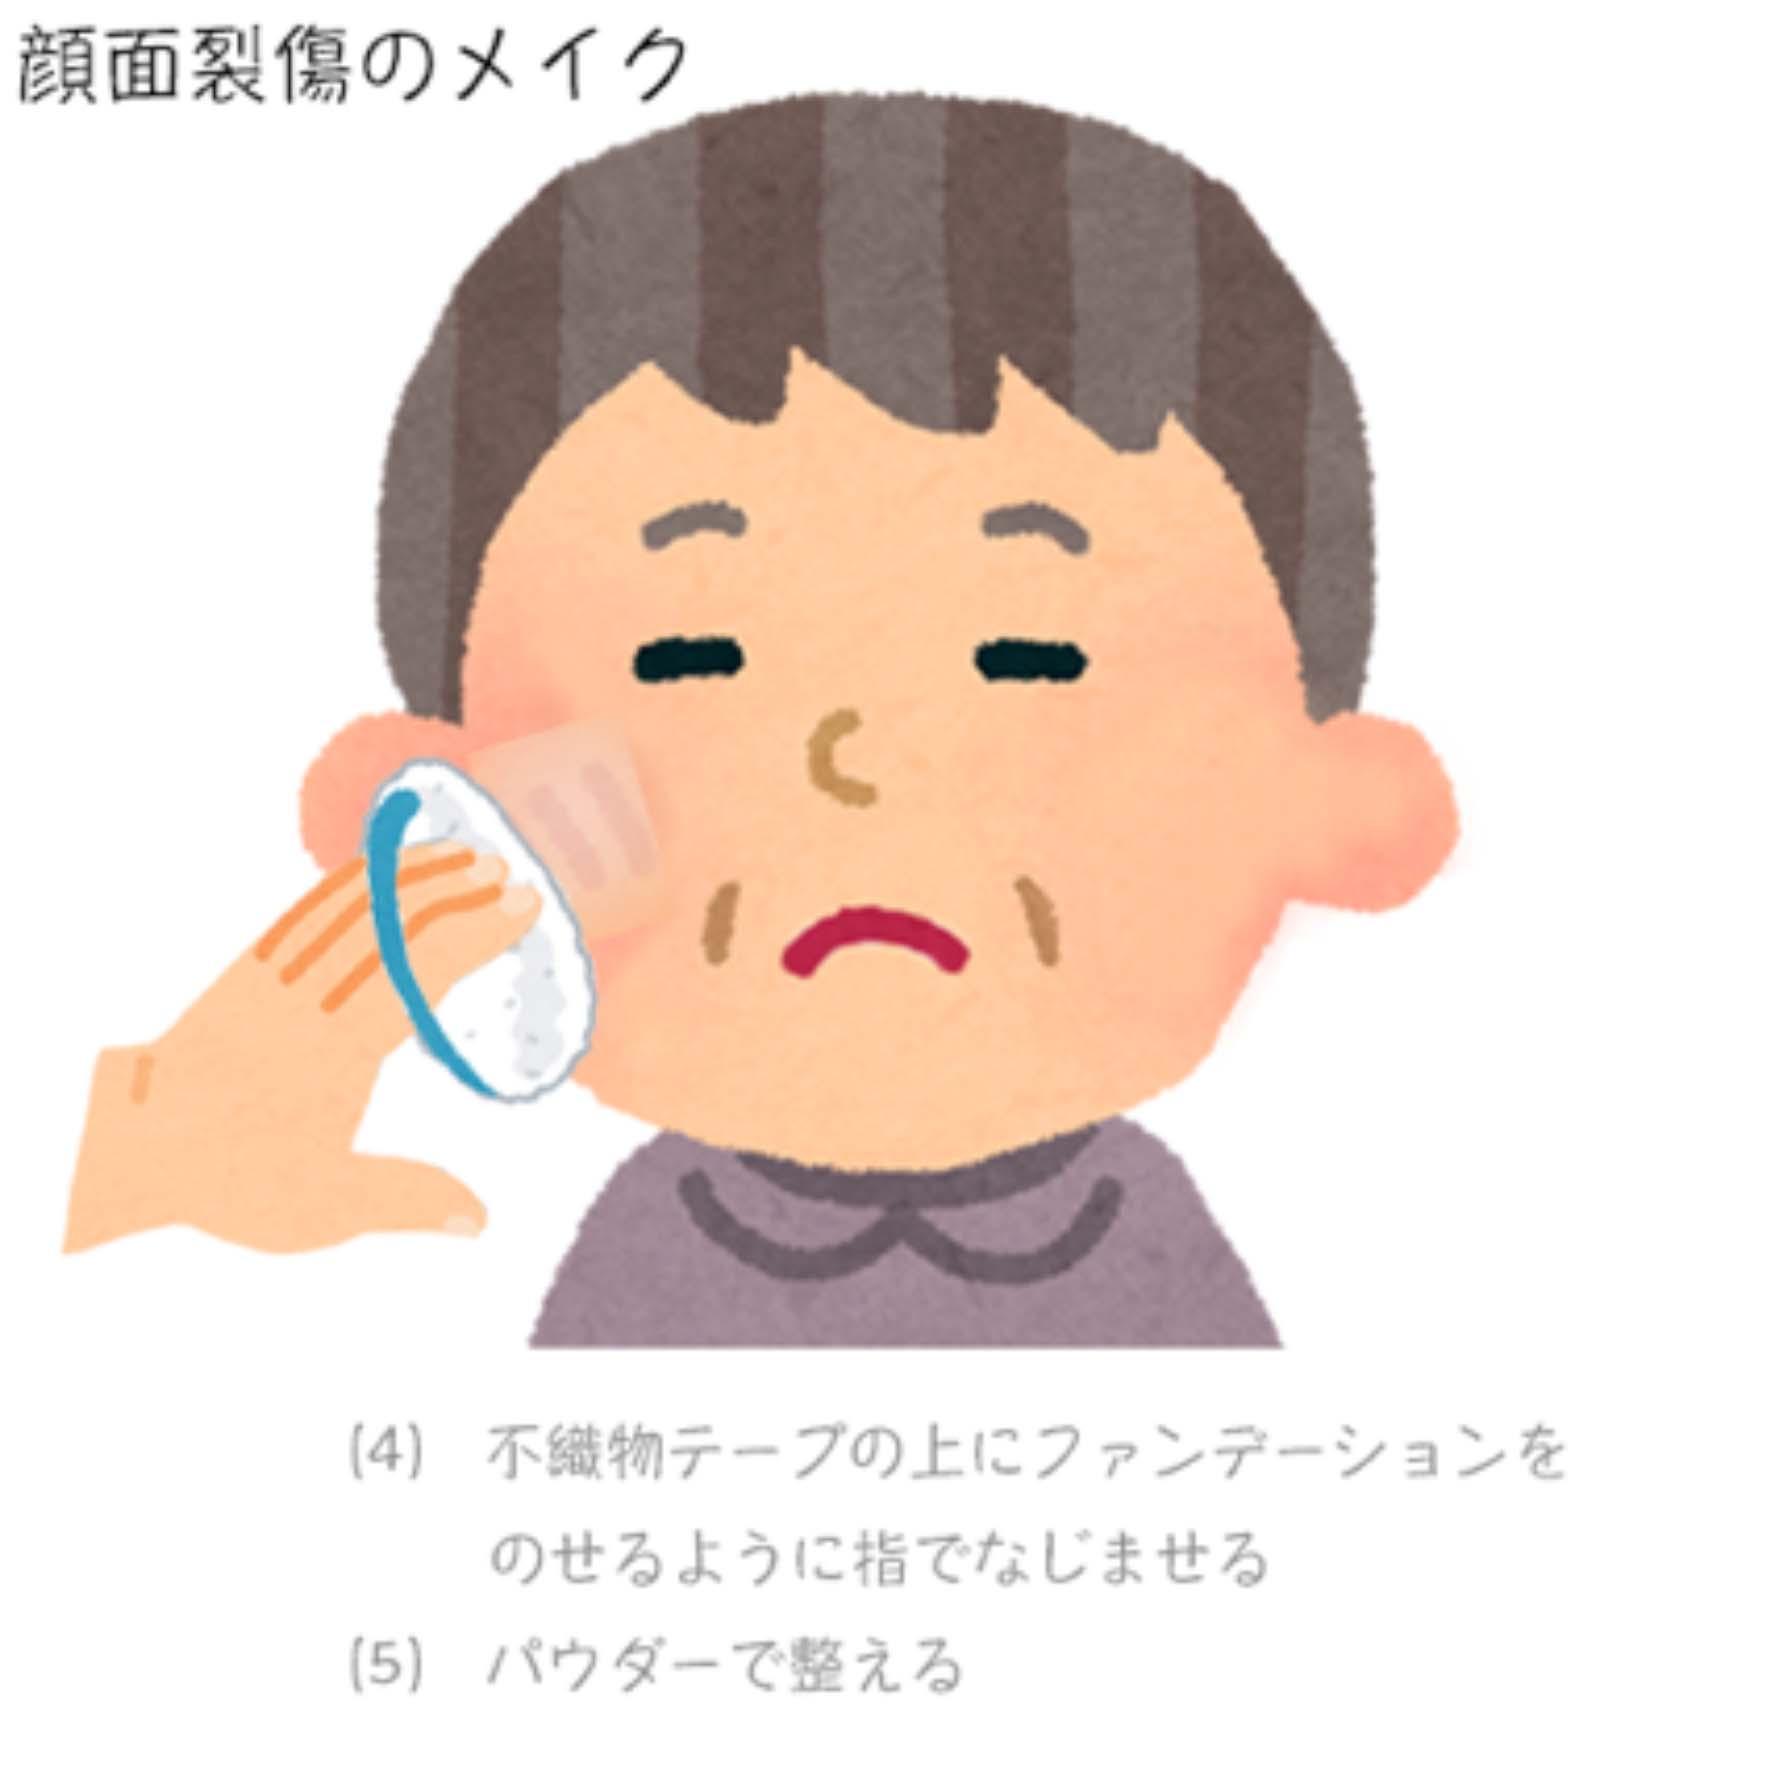 顔面裂傷のメイク